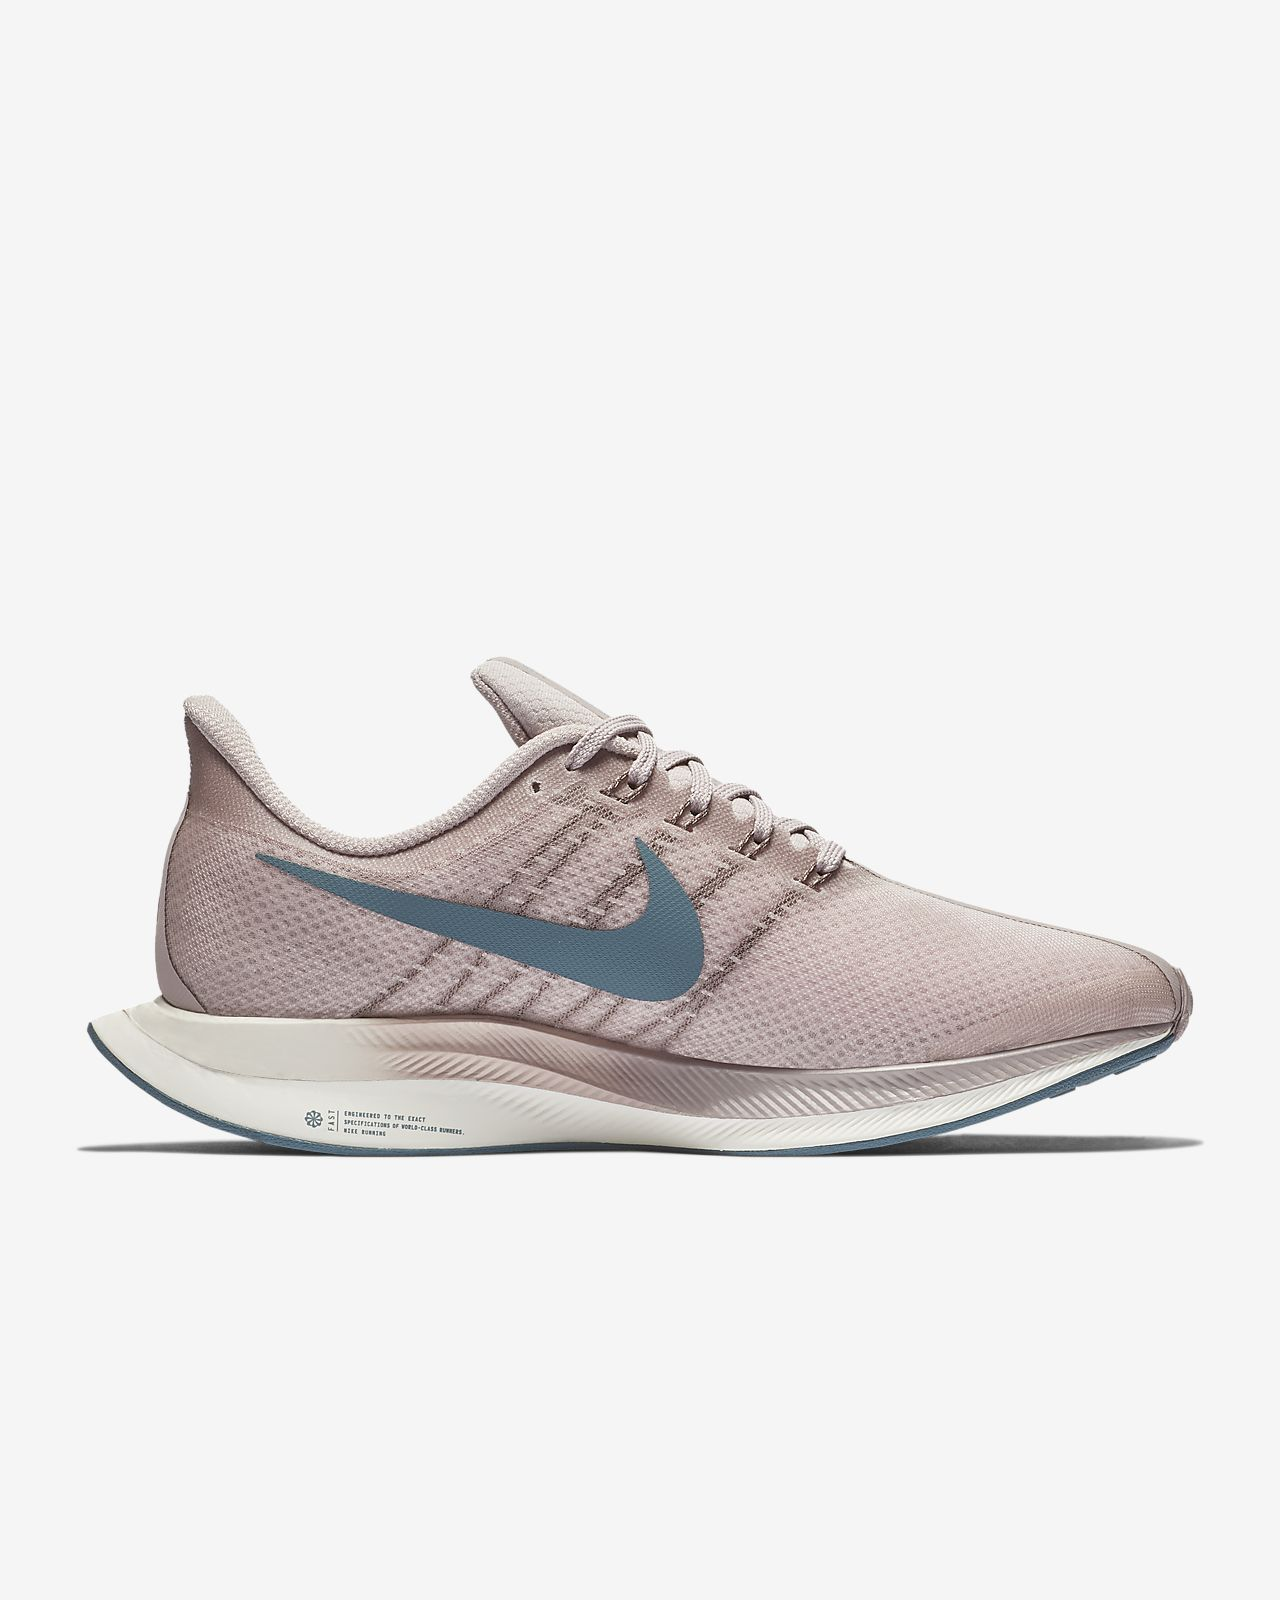 717558404d9b Nike Zoom Pegasus Turbo Women s Running Shoe. Nike.com CH